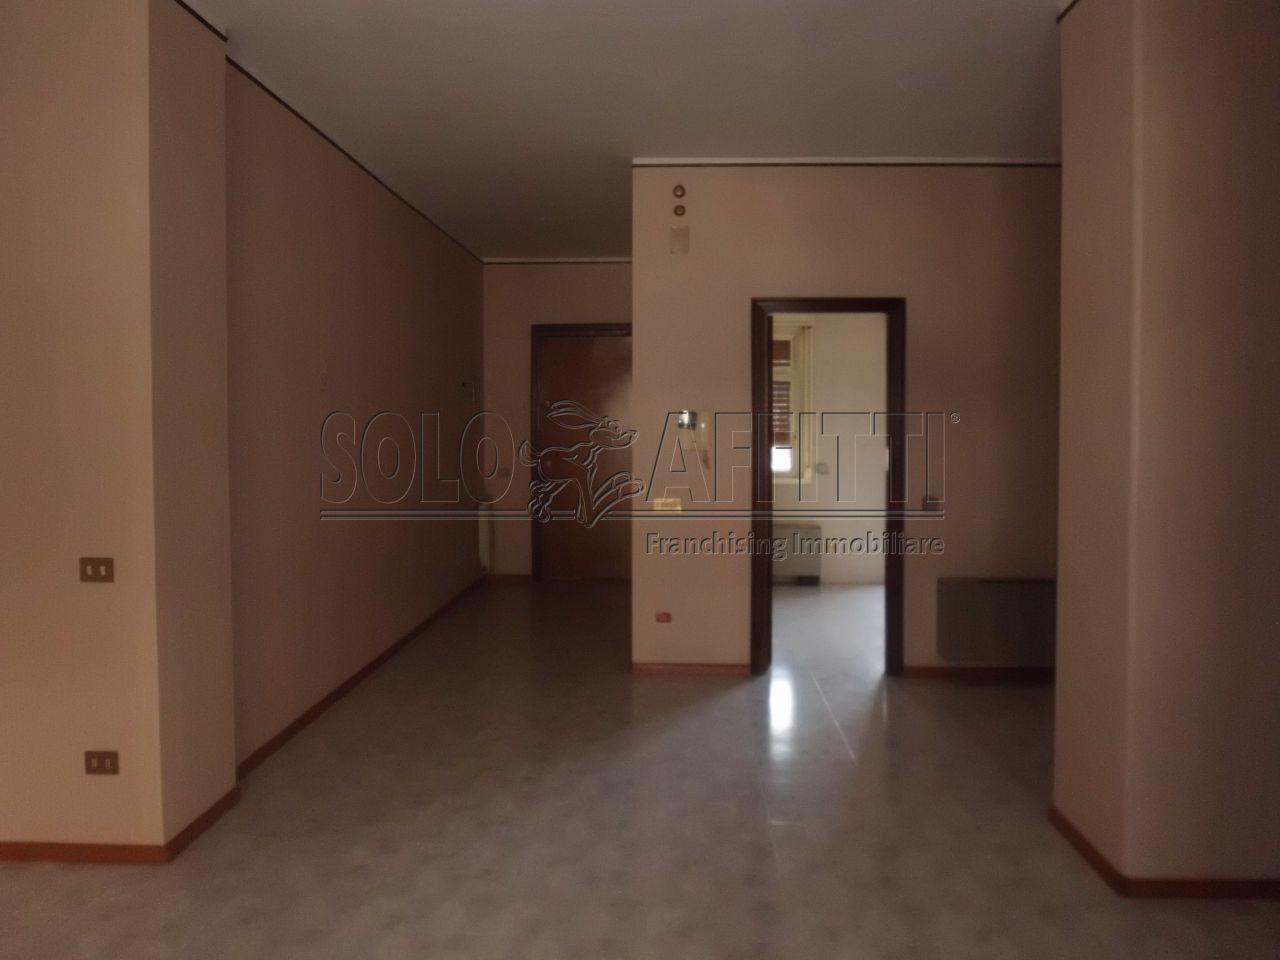 Appartamento a catania 135 mq for Costo aggiuntivo garage